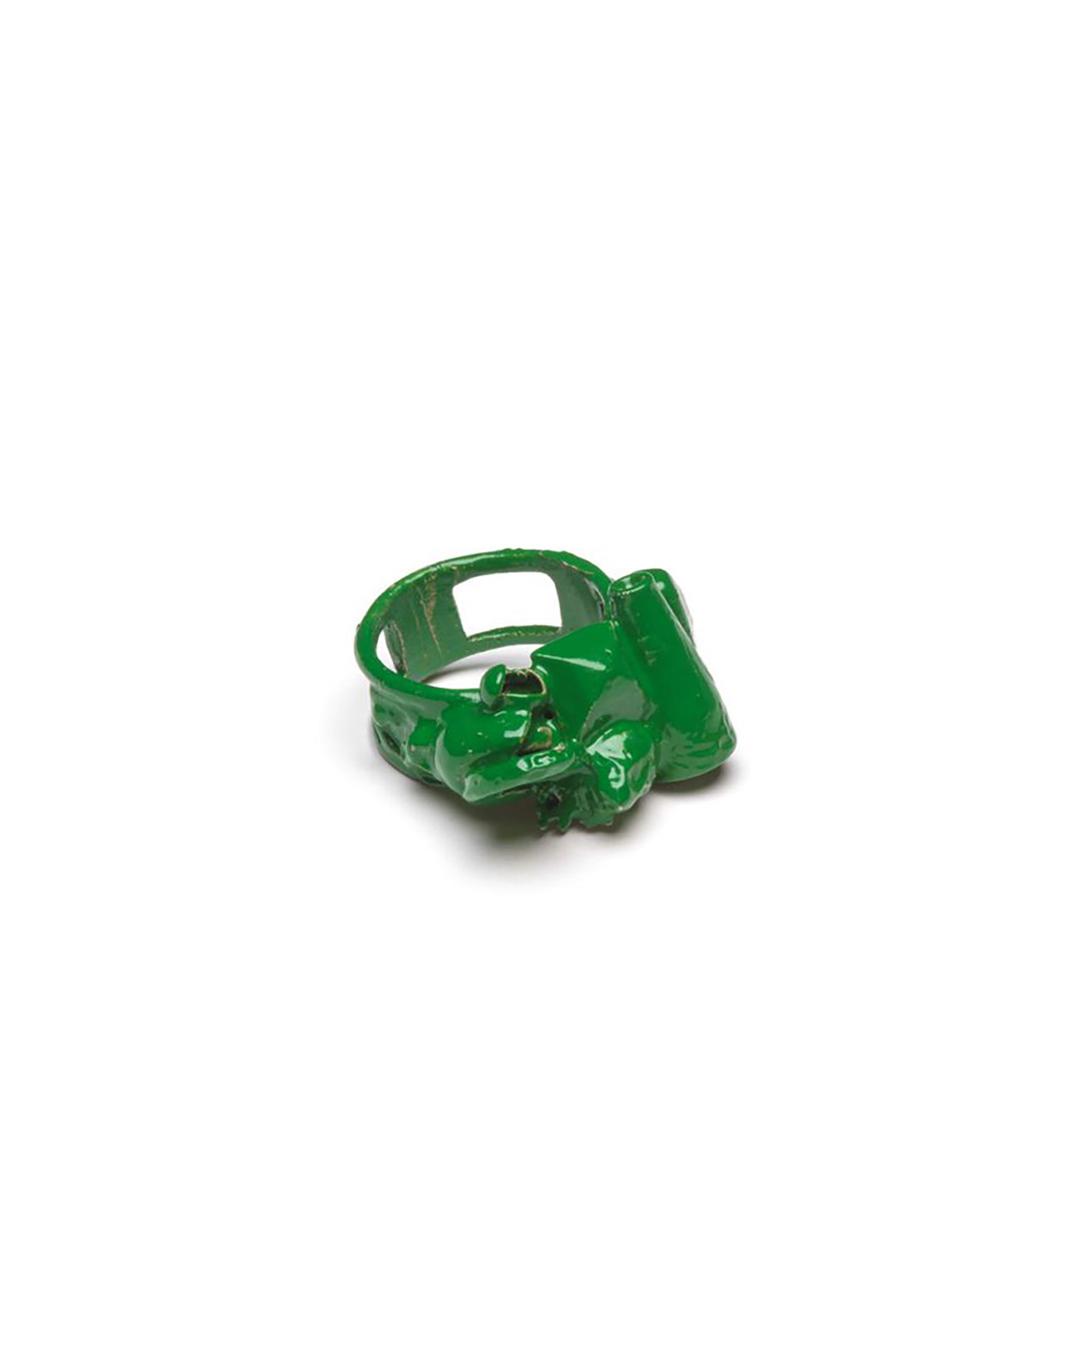 Doron Taubenfeld, zonder titel, 2009, ring; metaal, verf, 30 x 25 x 18 mm, €350